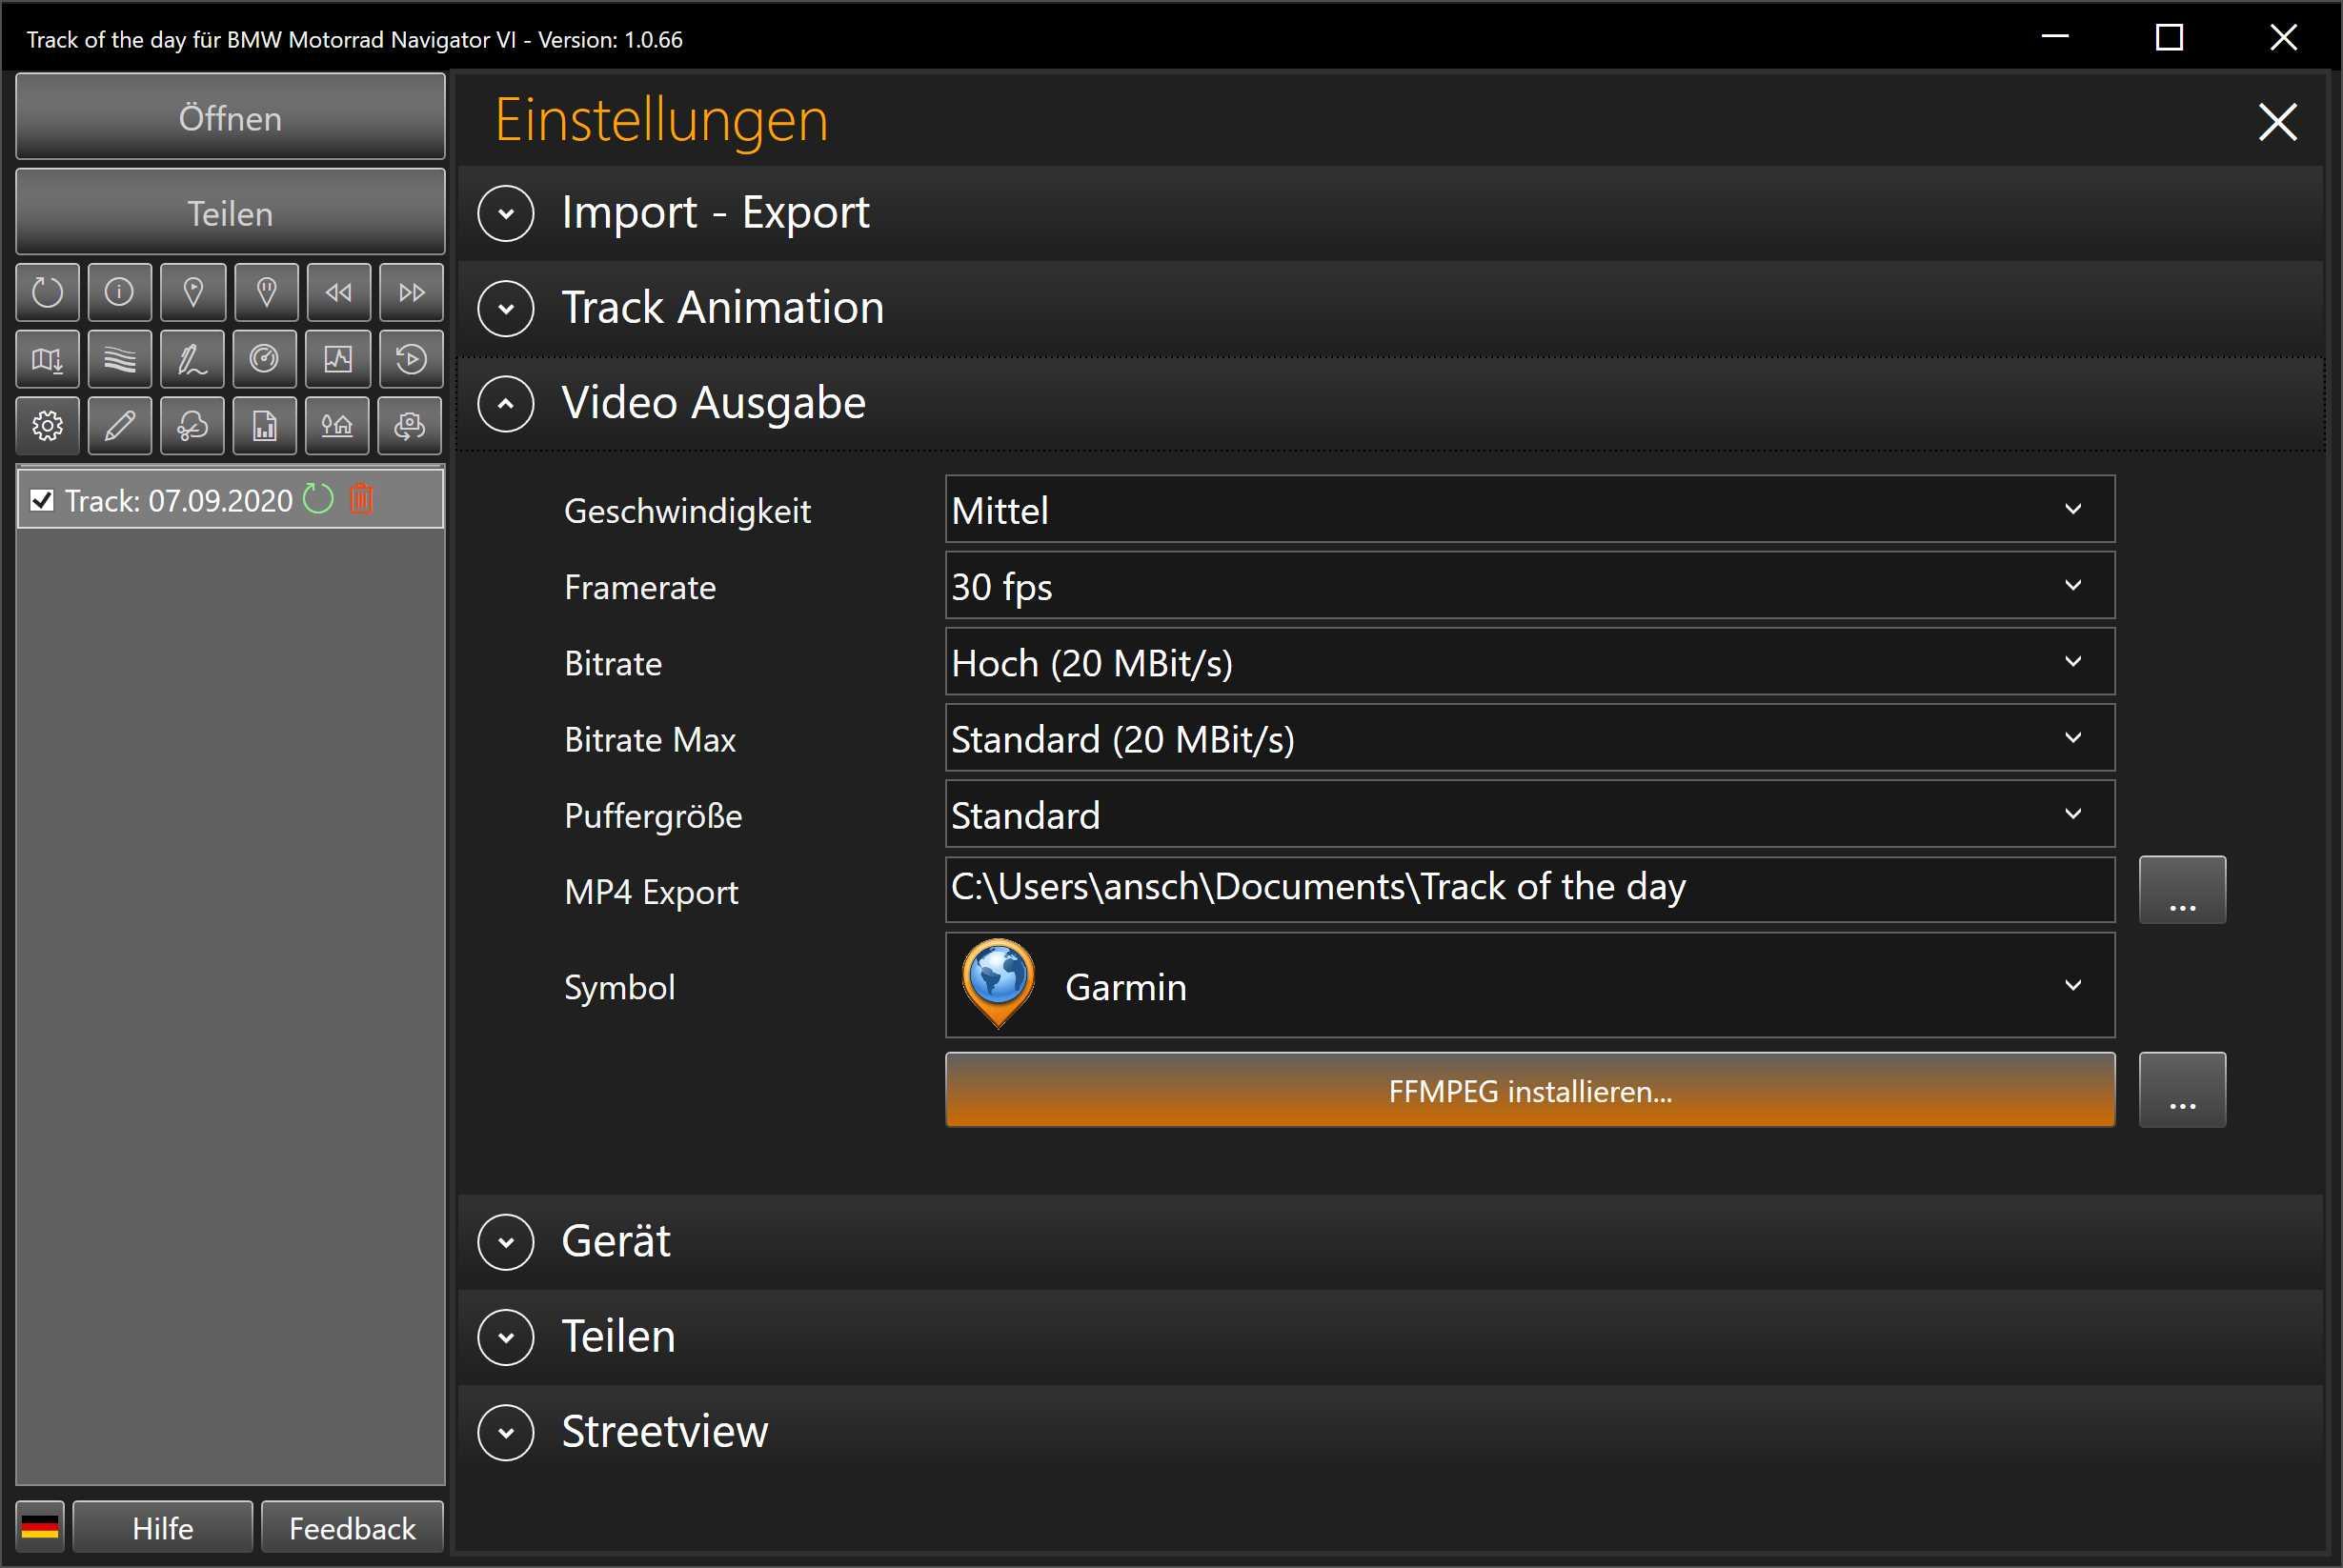 FFMPEG Installation